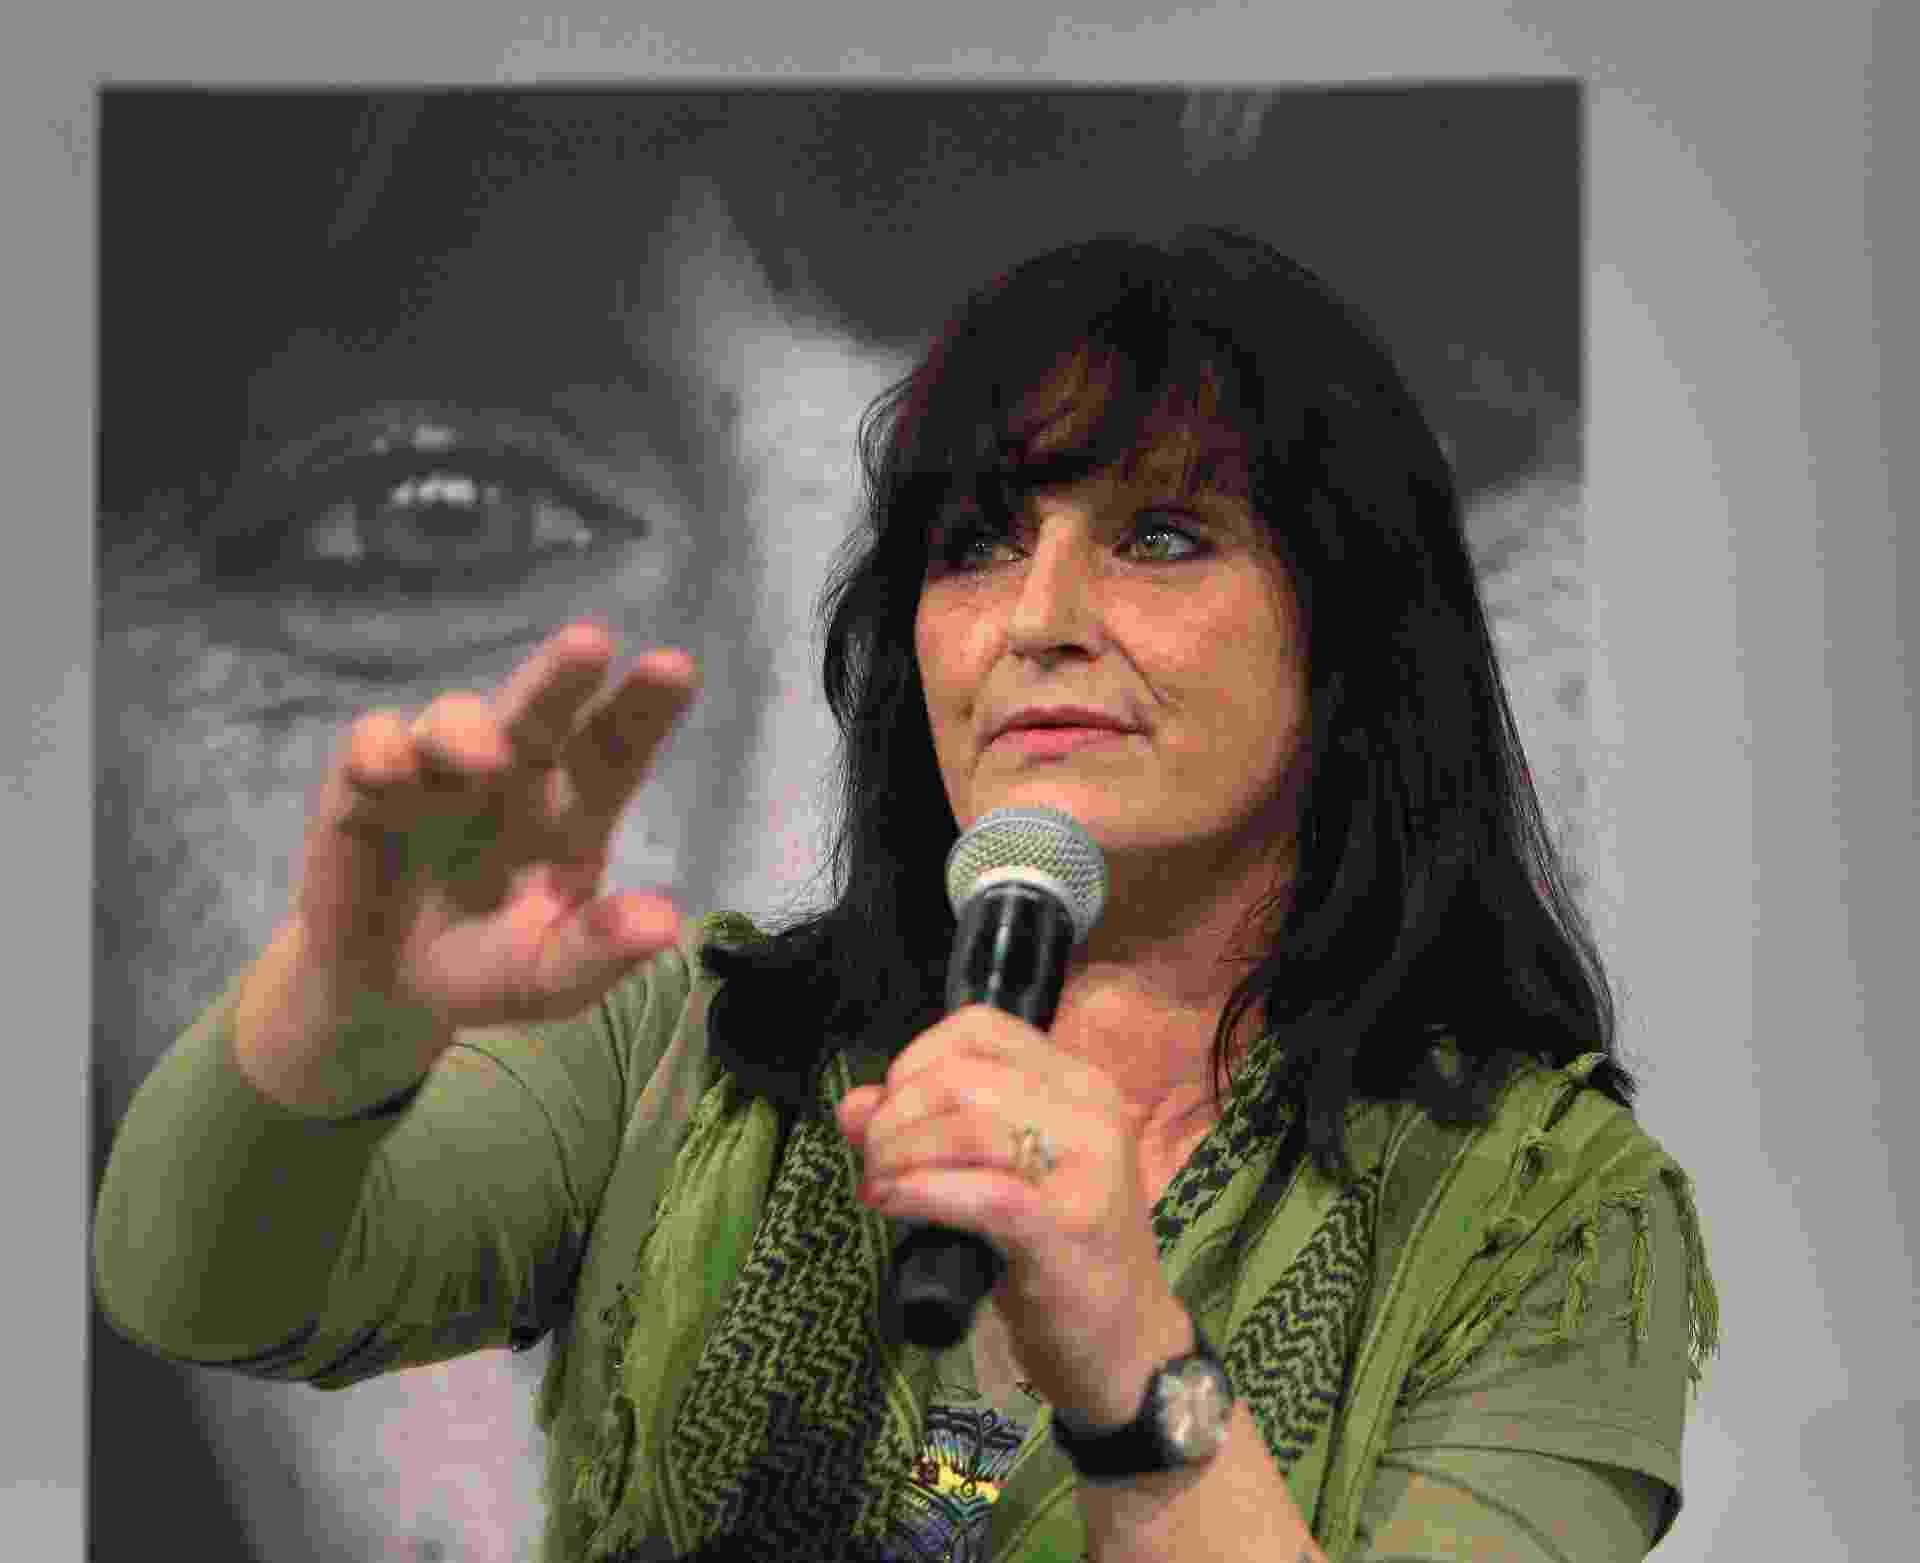 Christiane Felscherinow, conhecida como Christiane F. na Feira de Frankfurt 2013 - Daniel Roland/AFP